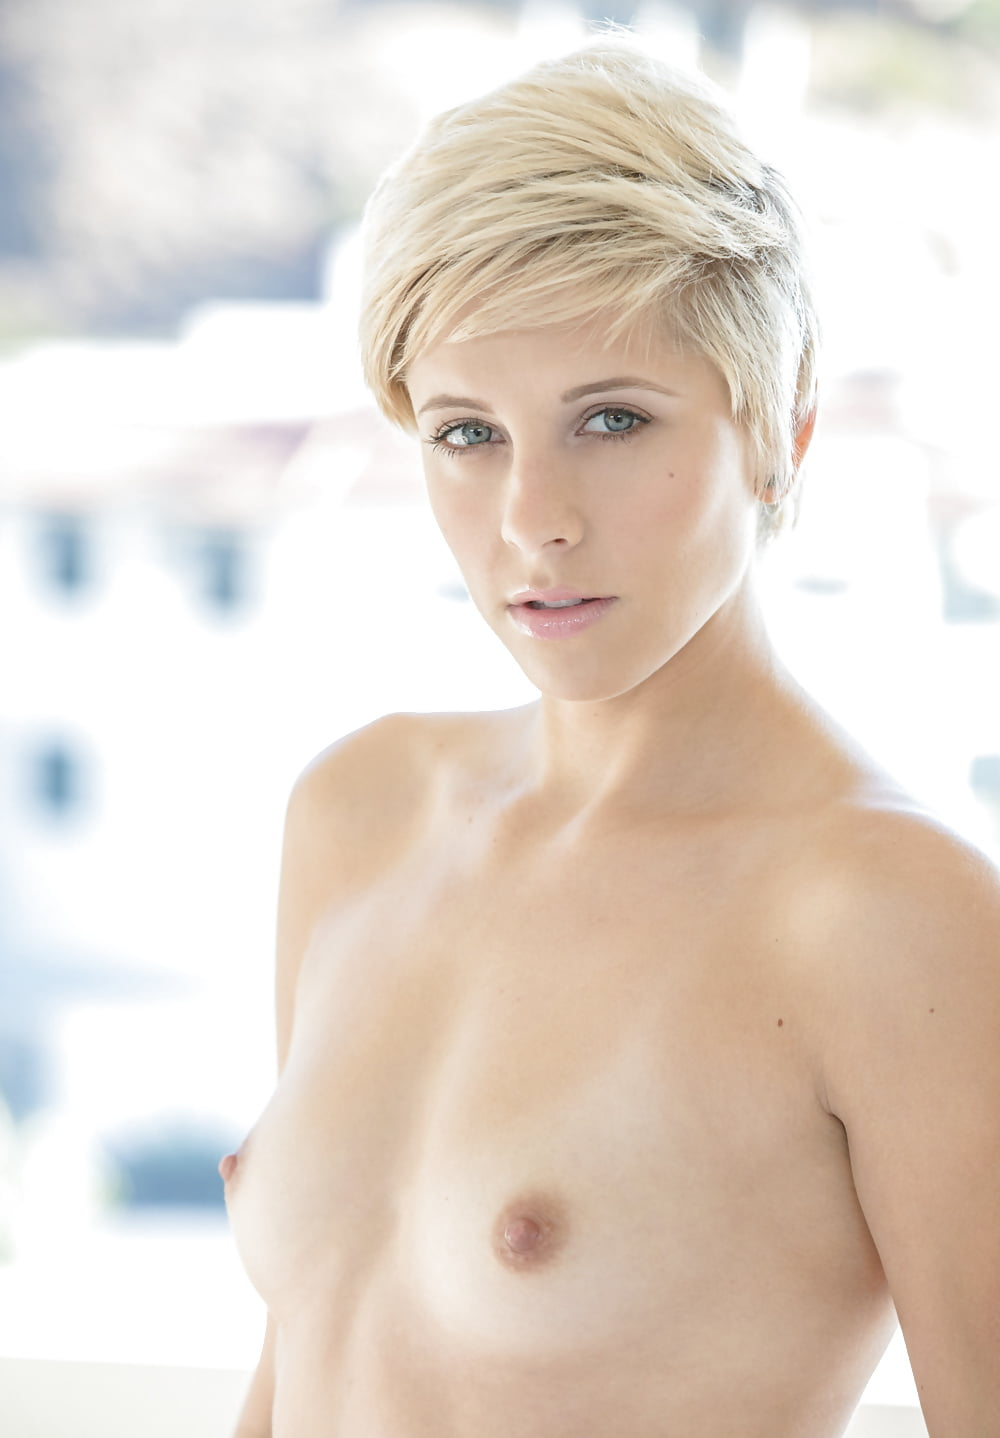 Gabrielle gucci porn pics